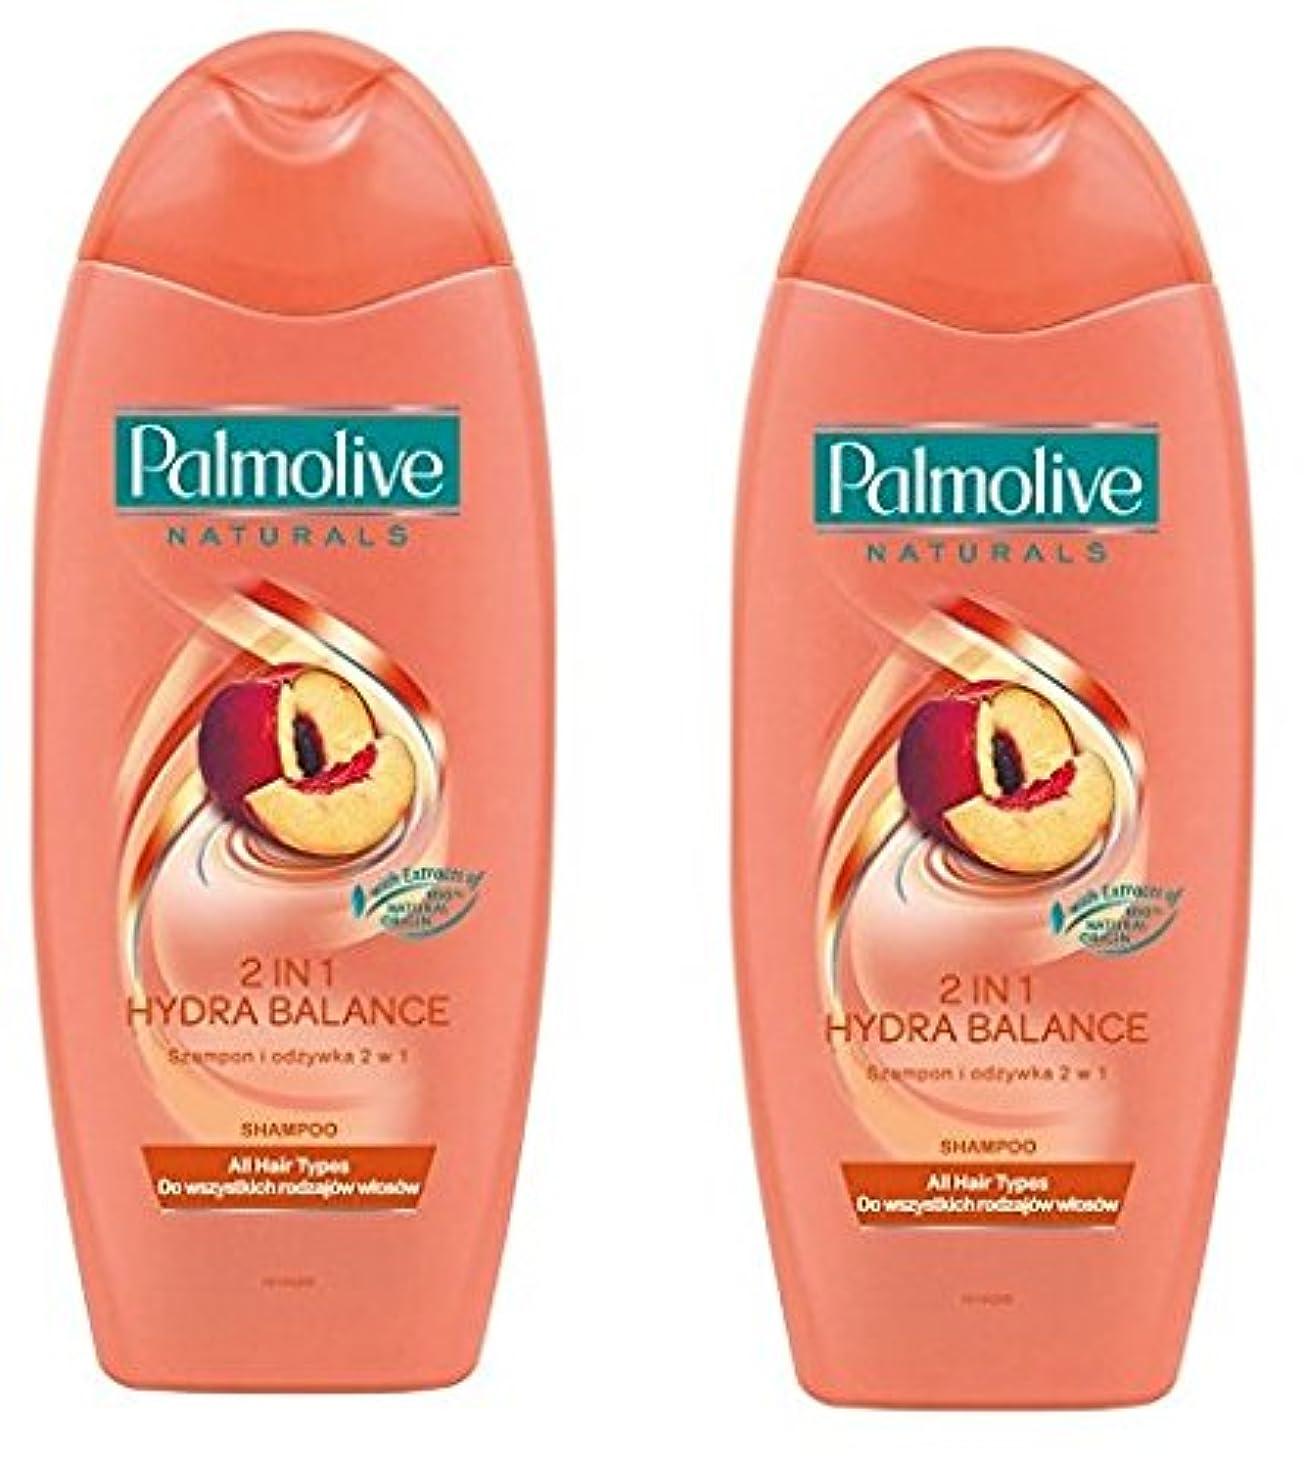 コンプライアンス木製延期するPalmolive Naturals Shampoo & Conditioner パルモティブシャンプーWコンディショナー ハイドロバランス 350ml 2個 [並行輸入品]